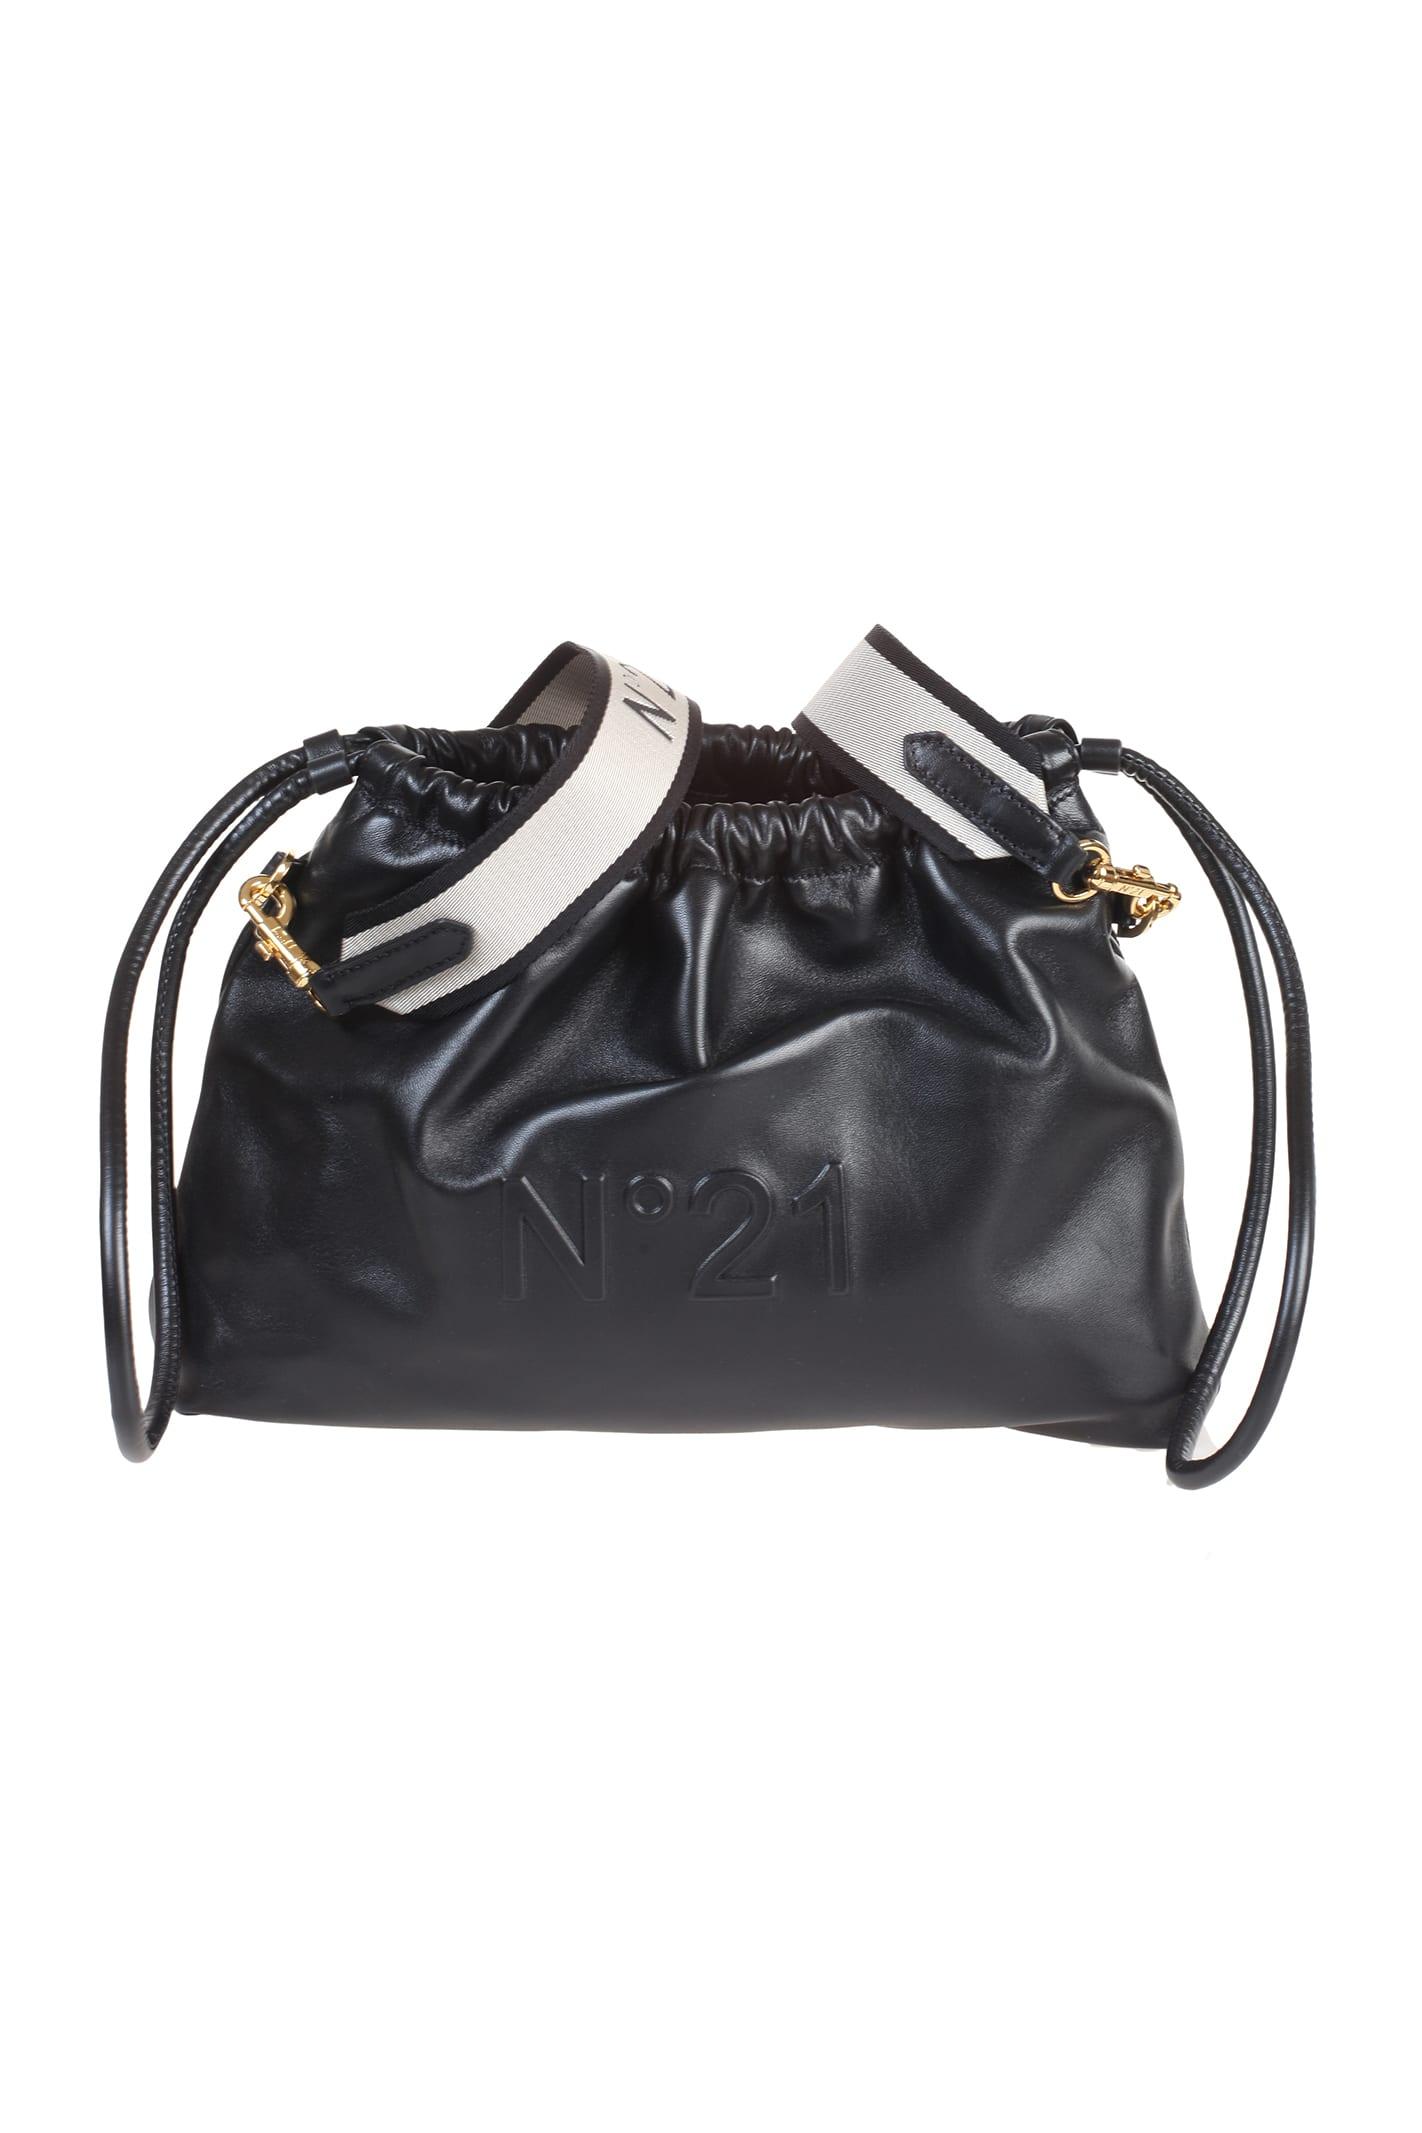 N ° 21 EVA bucket bag